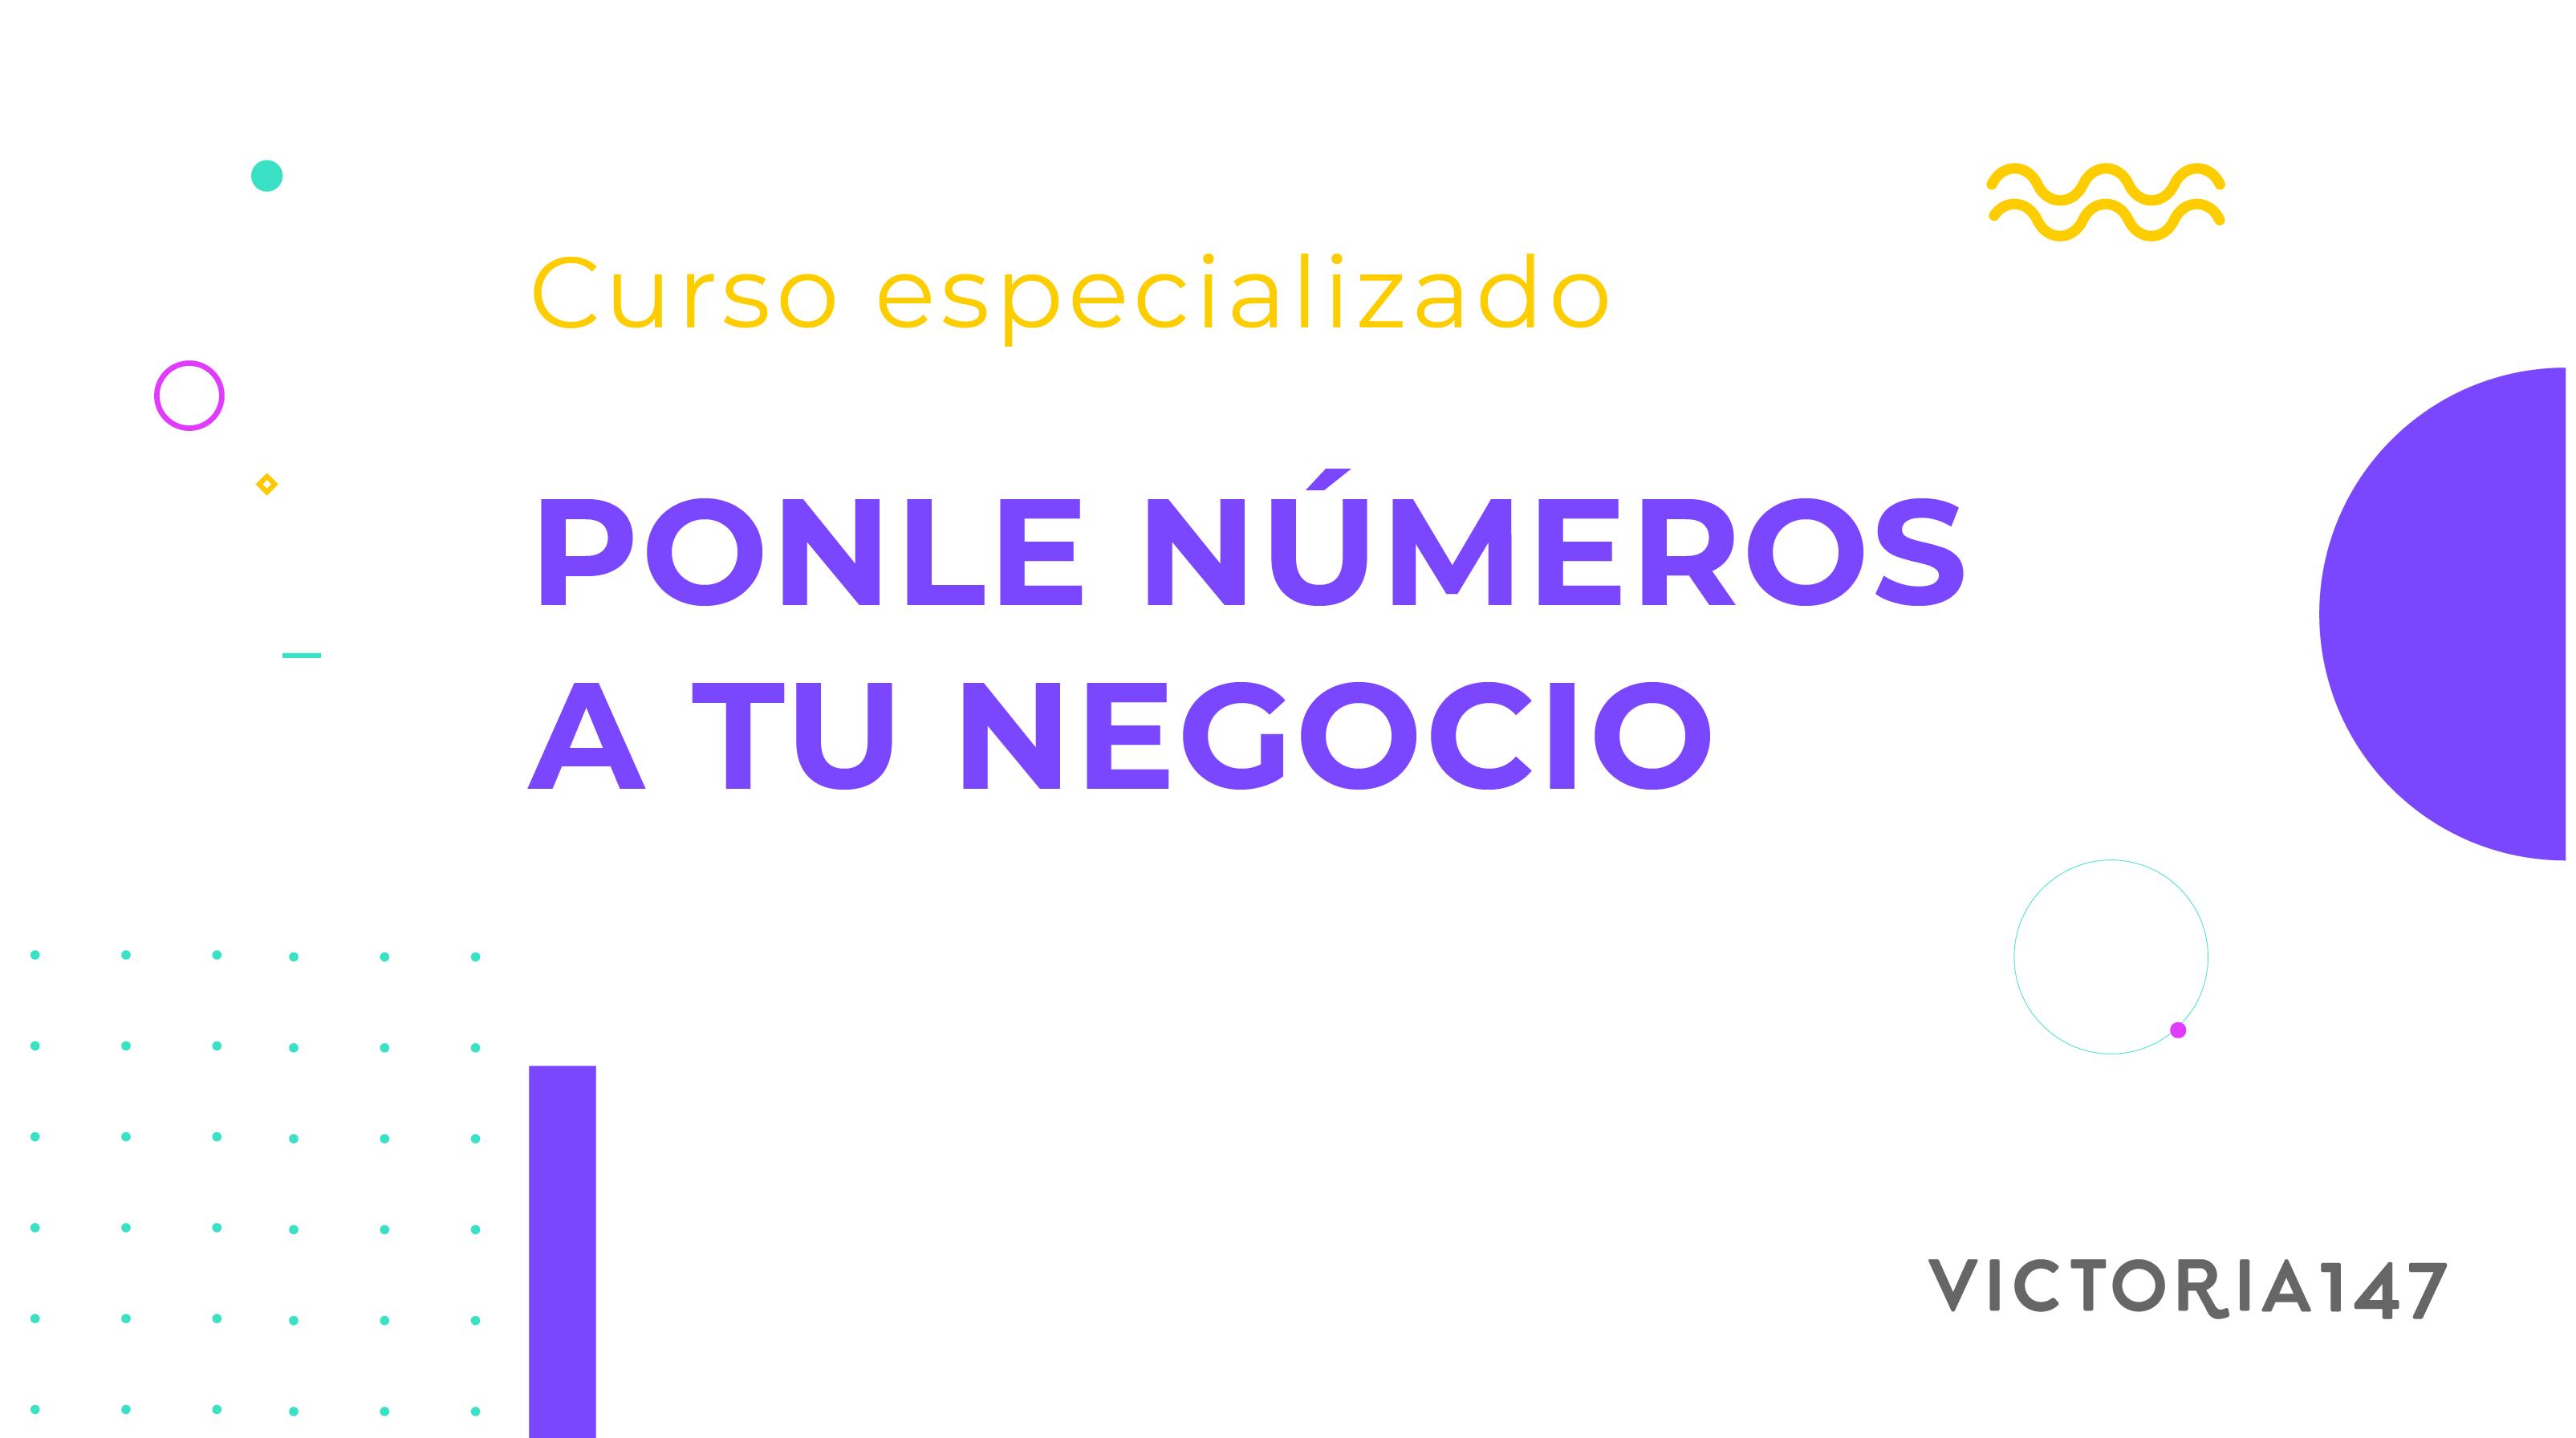 Ponle números a tu negocio